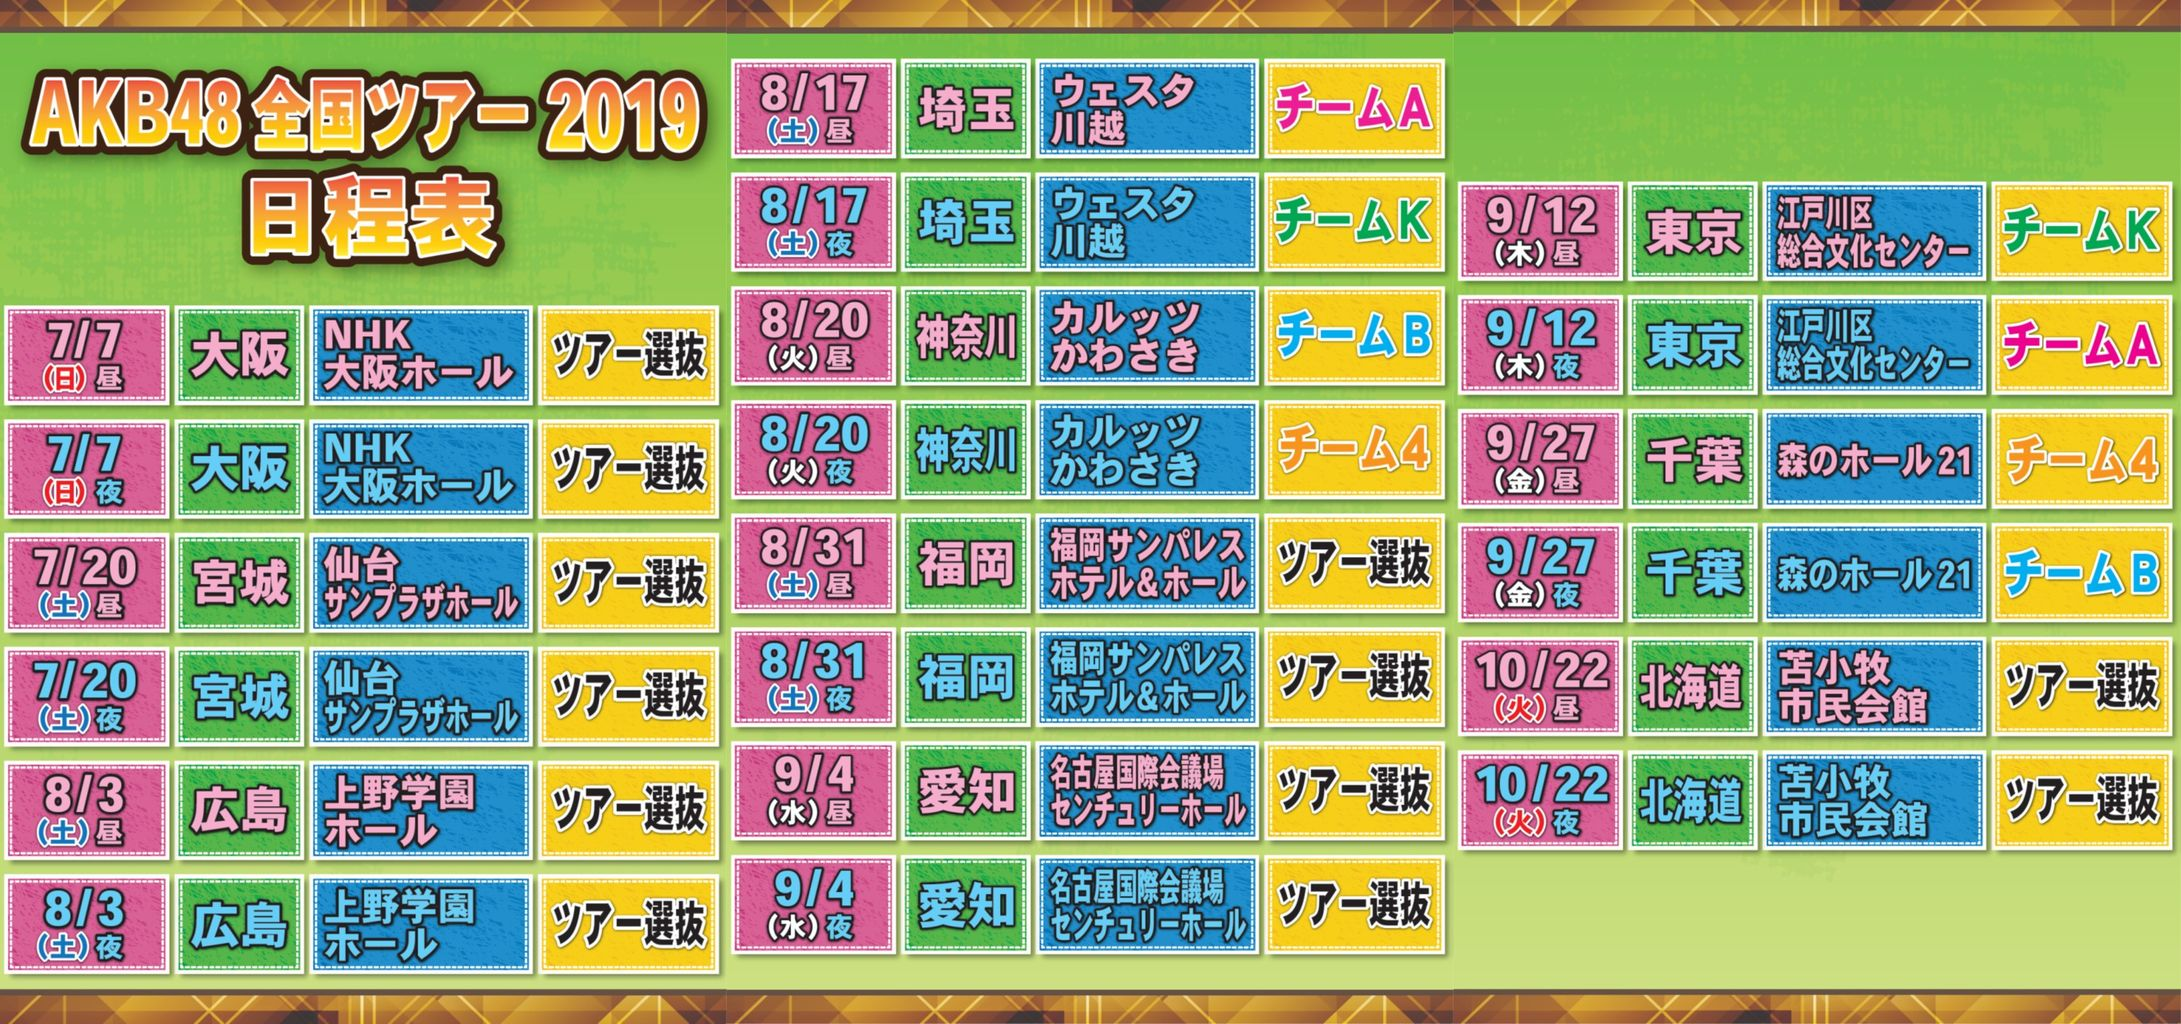 【悲報】AKB48のチーム制度、有名無実化してしまう。